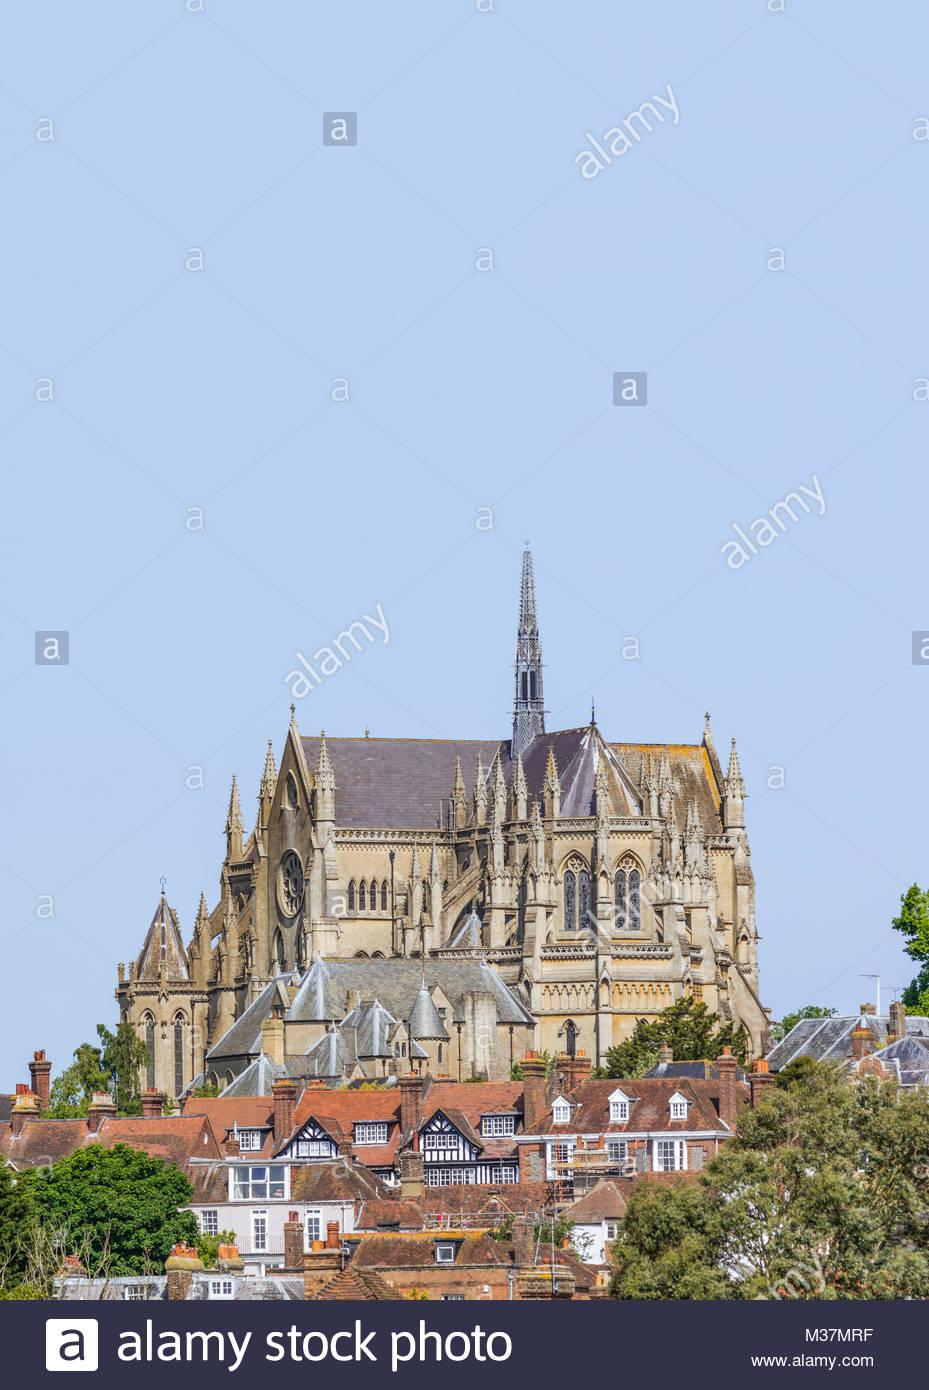 Arundel Kathedrale, eine römisch-katholische Kathedrale mit der Architektur im Stil von Gothic Revival in Arundel, Stockbild